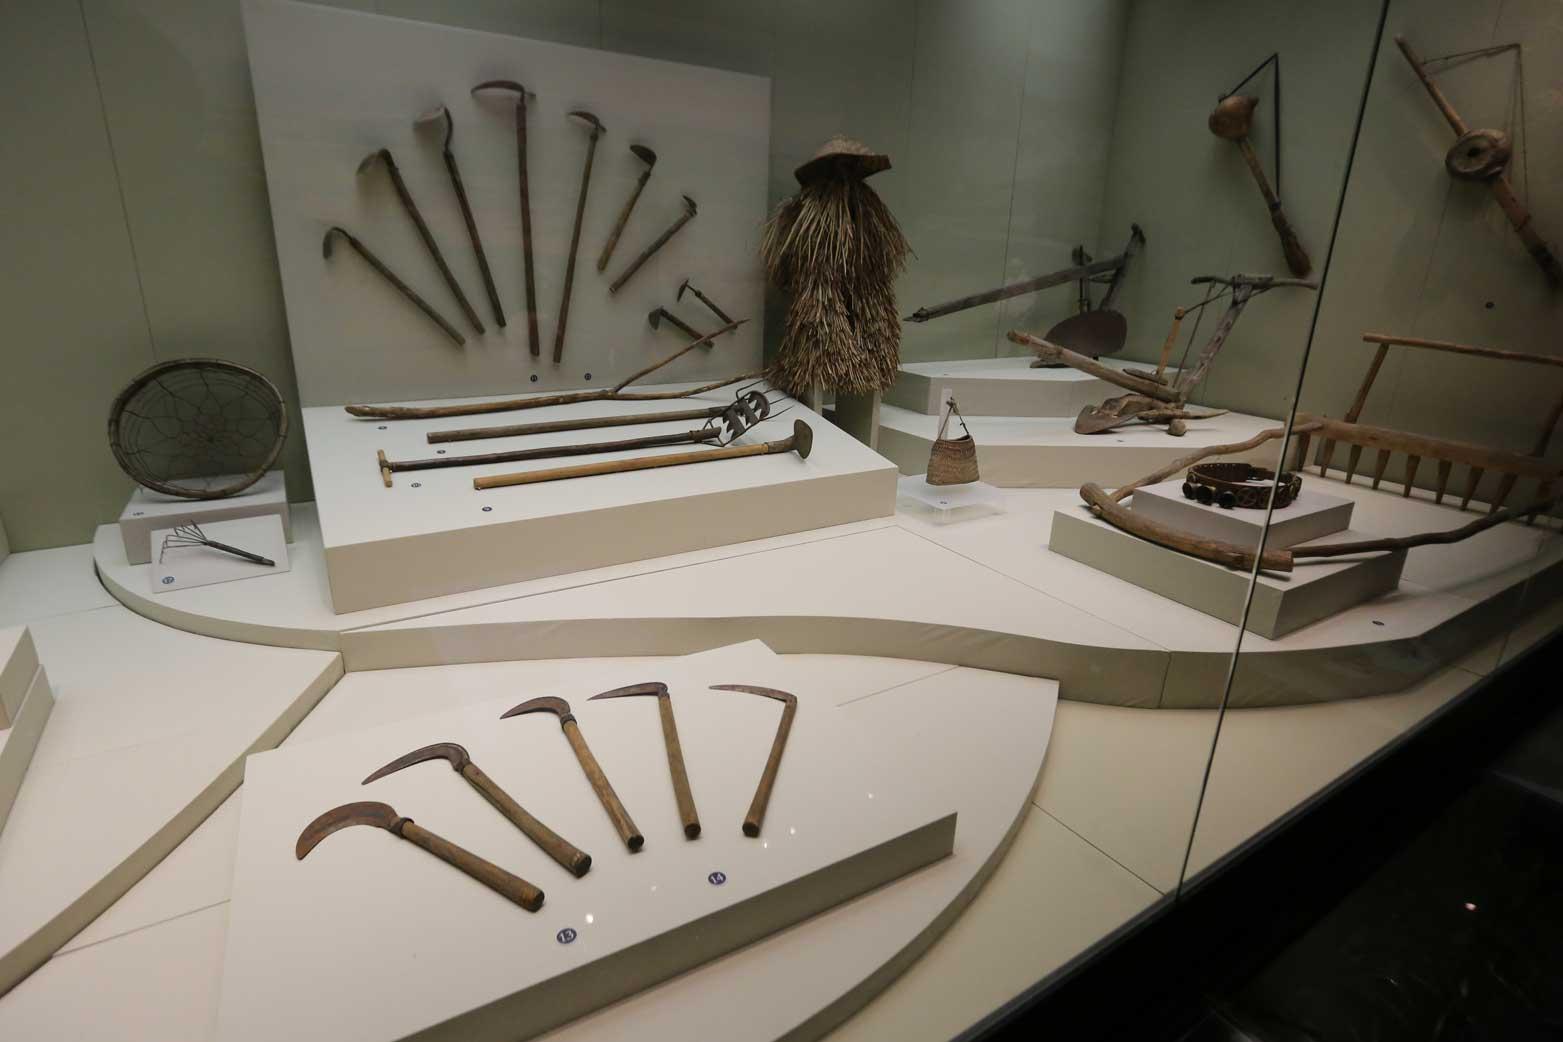 延辺朝鮮族自治州60周年にできた延辺博物館と朝鮮族の冷めた関係_b0235153_11244350.jpg